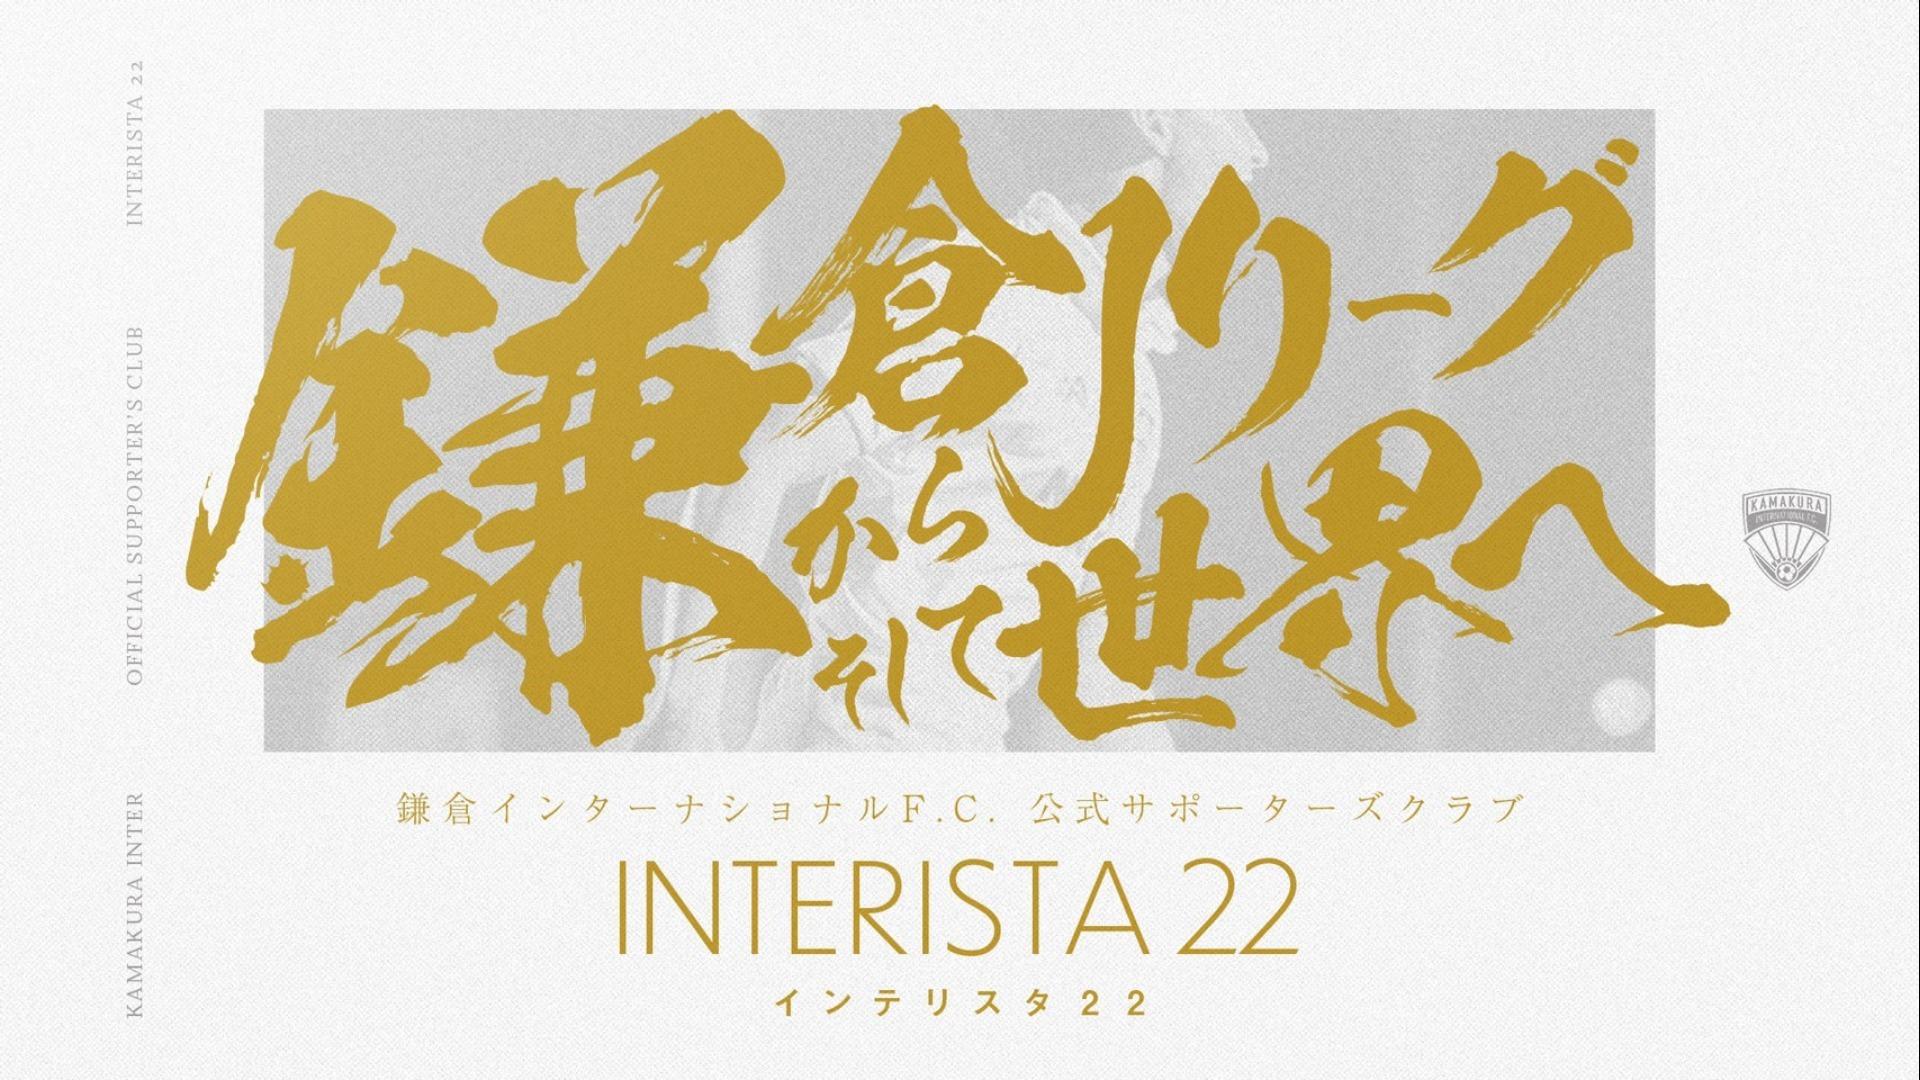 鎌倉インテル公式サポーターズクラブ【インテリスタ22】